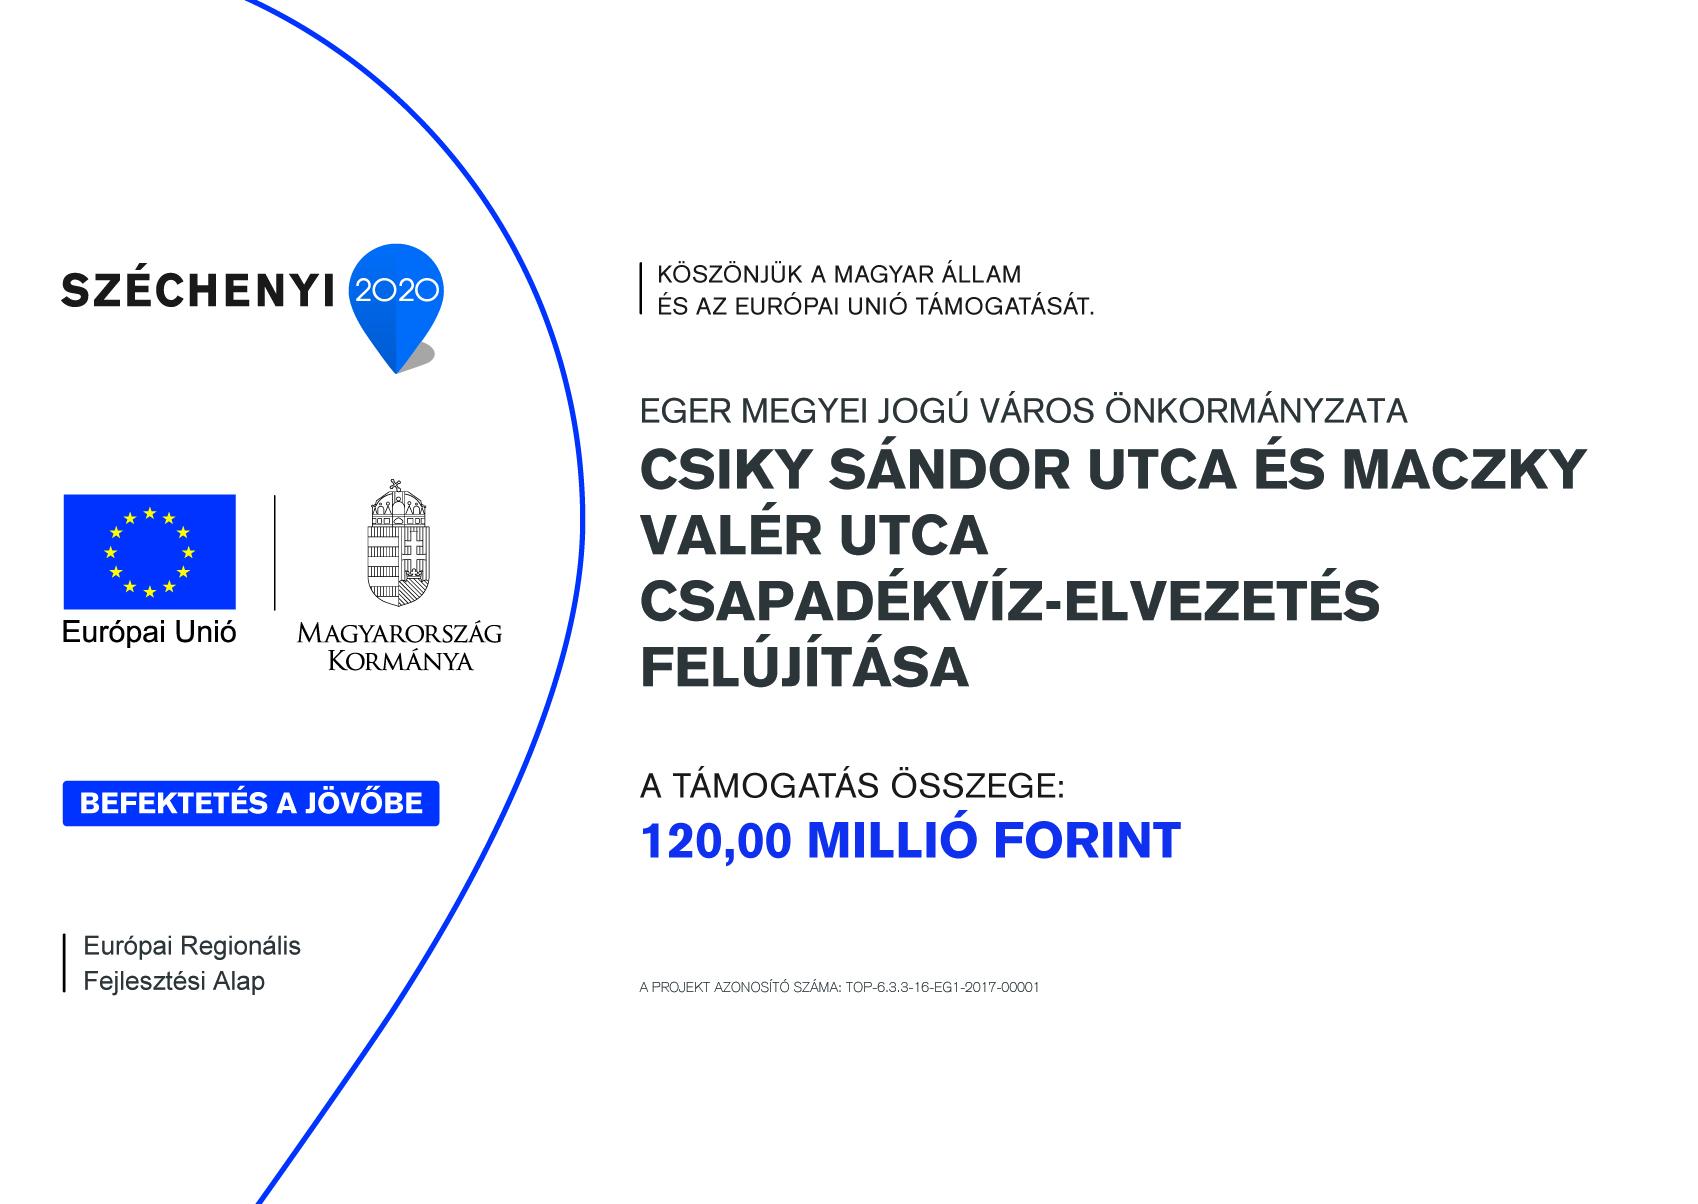 Csiky Sándor utca és Maczky Valér utca csapadékvíz-elvezetés felújítása